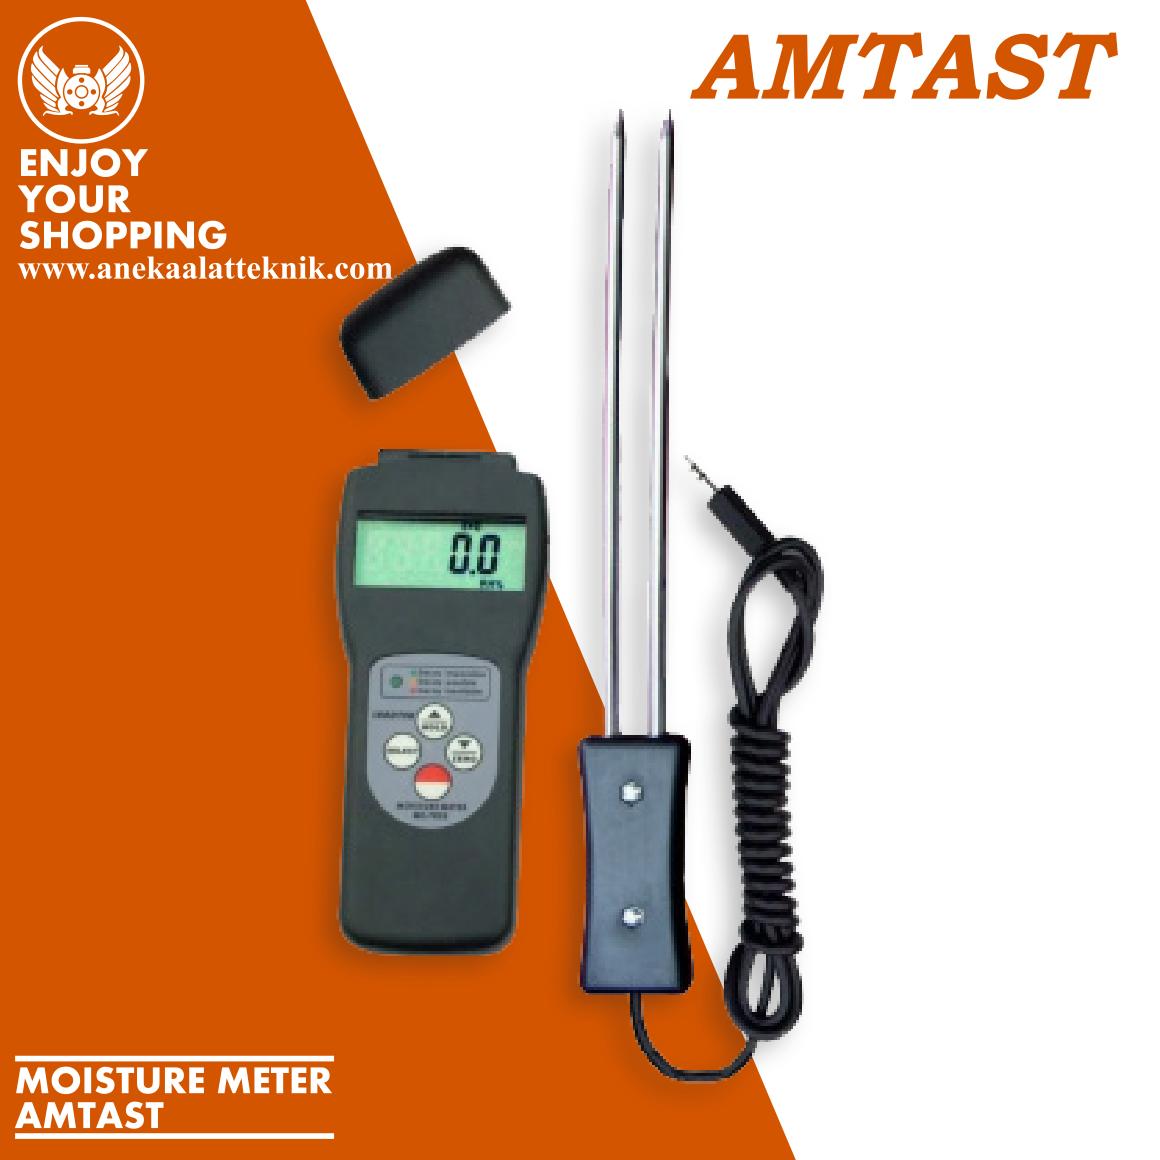 Digital Moisture Meter Amtast MC 7825G